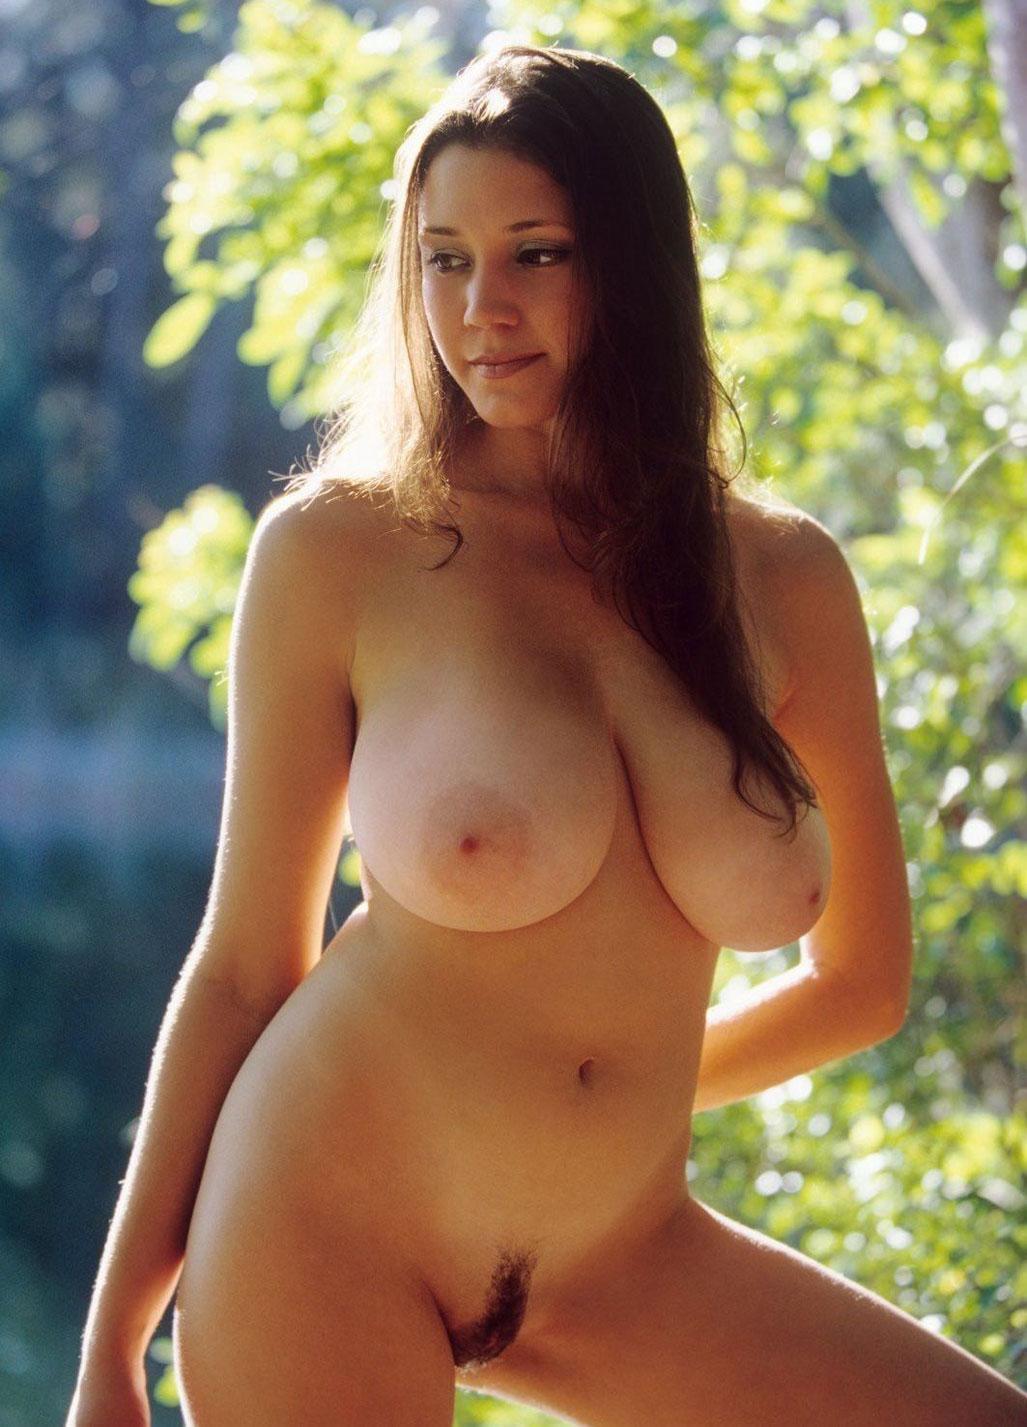 подборка фотографий сексуальных голых девушек - Miriam Gonzalez